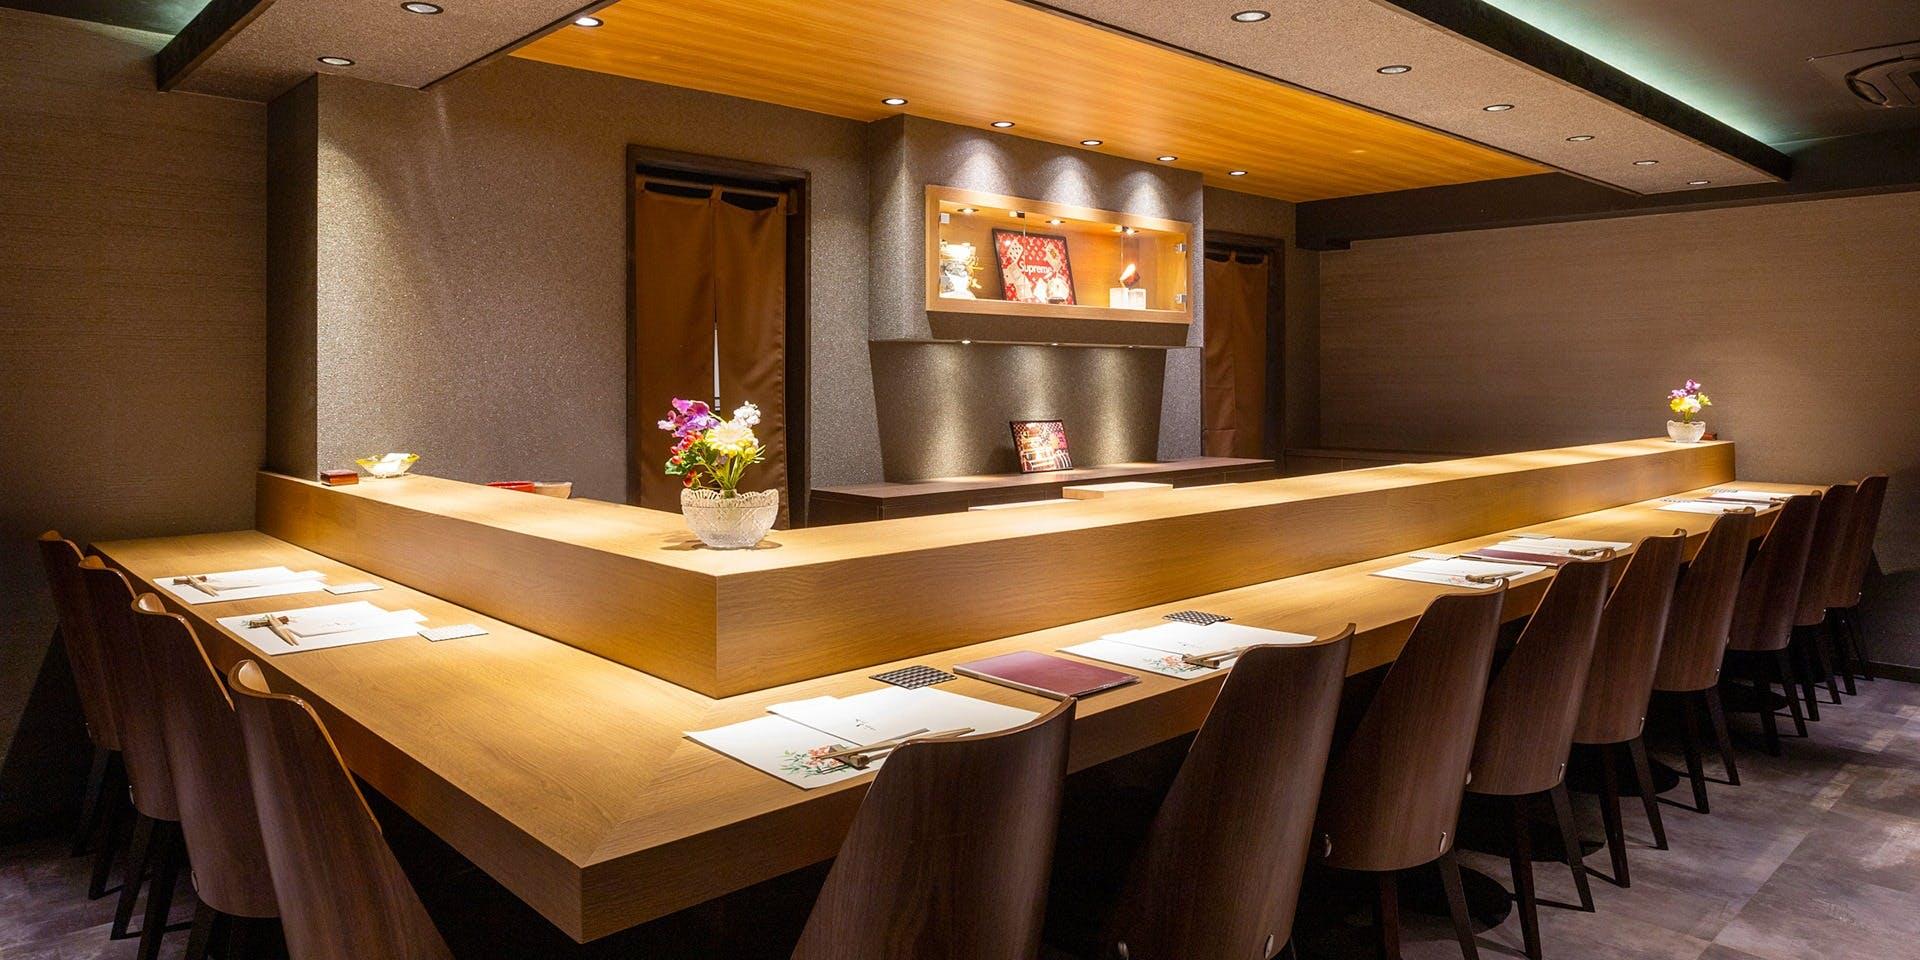 記念日におすすめのレストラン・秋葉原 寿司つばさの写真1